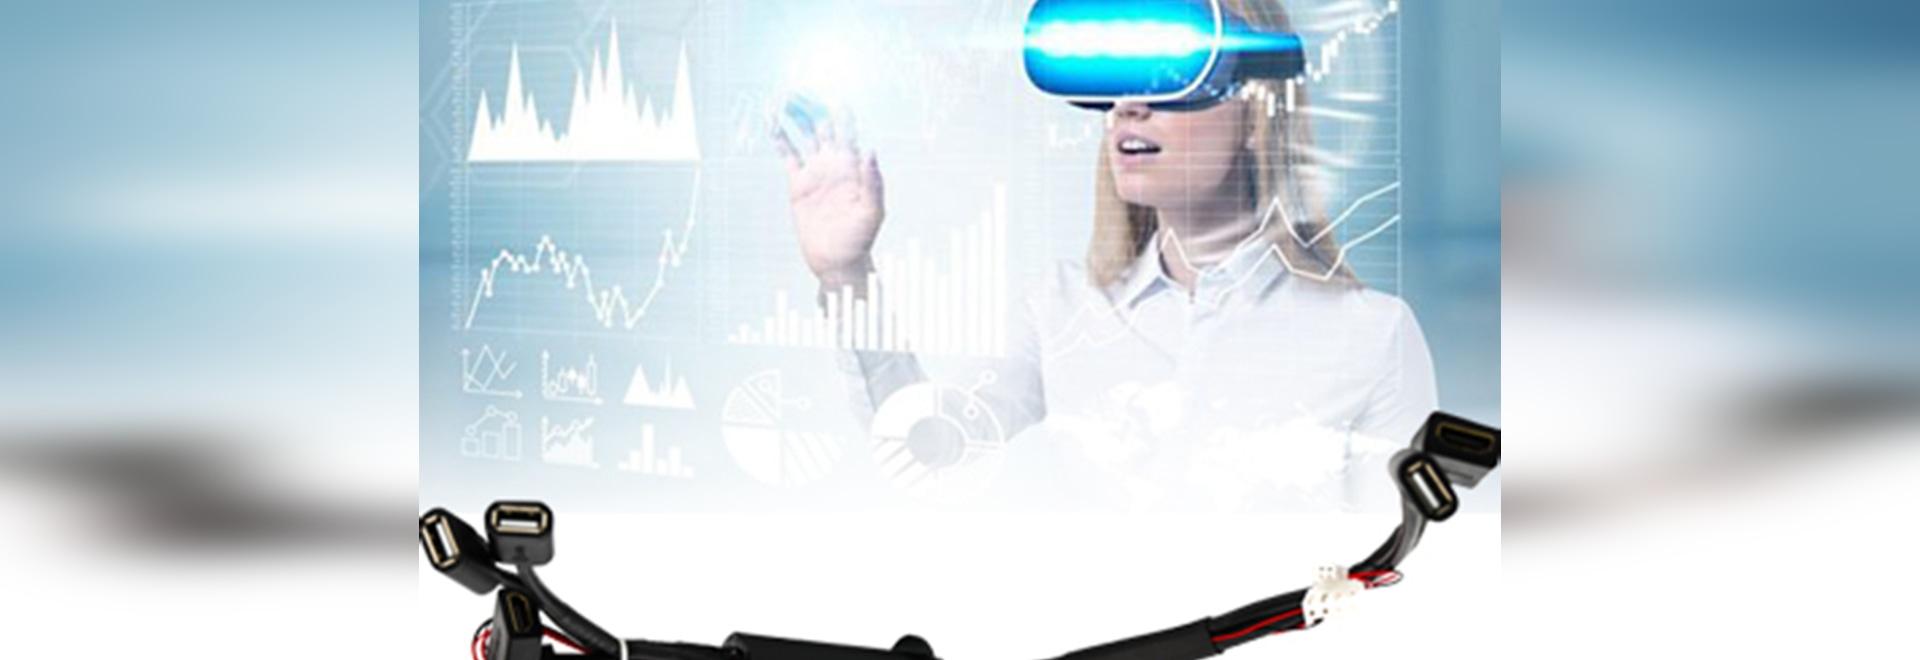 Anello di contatto di VR